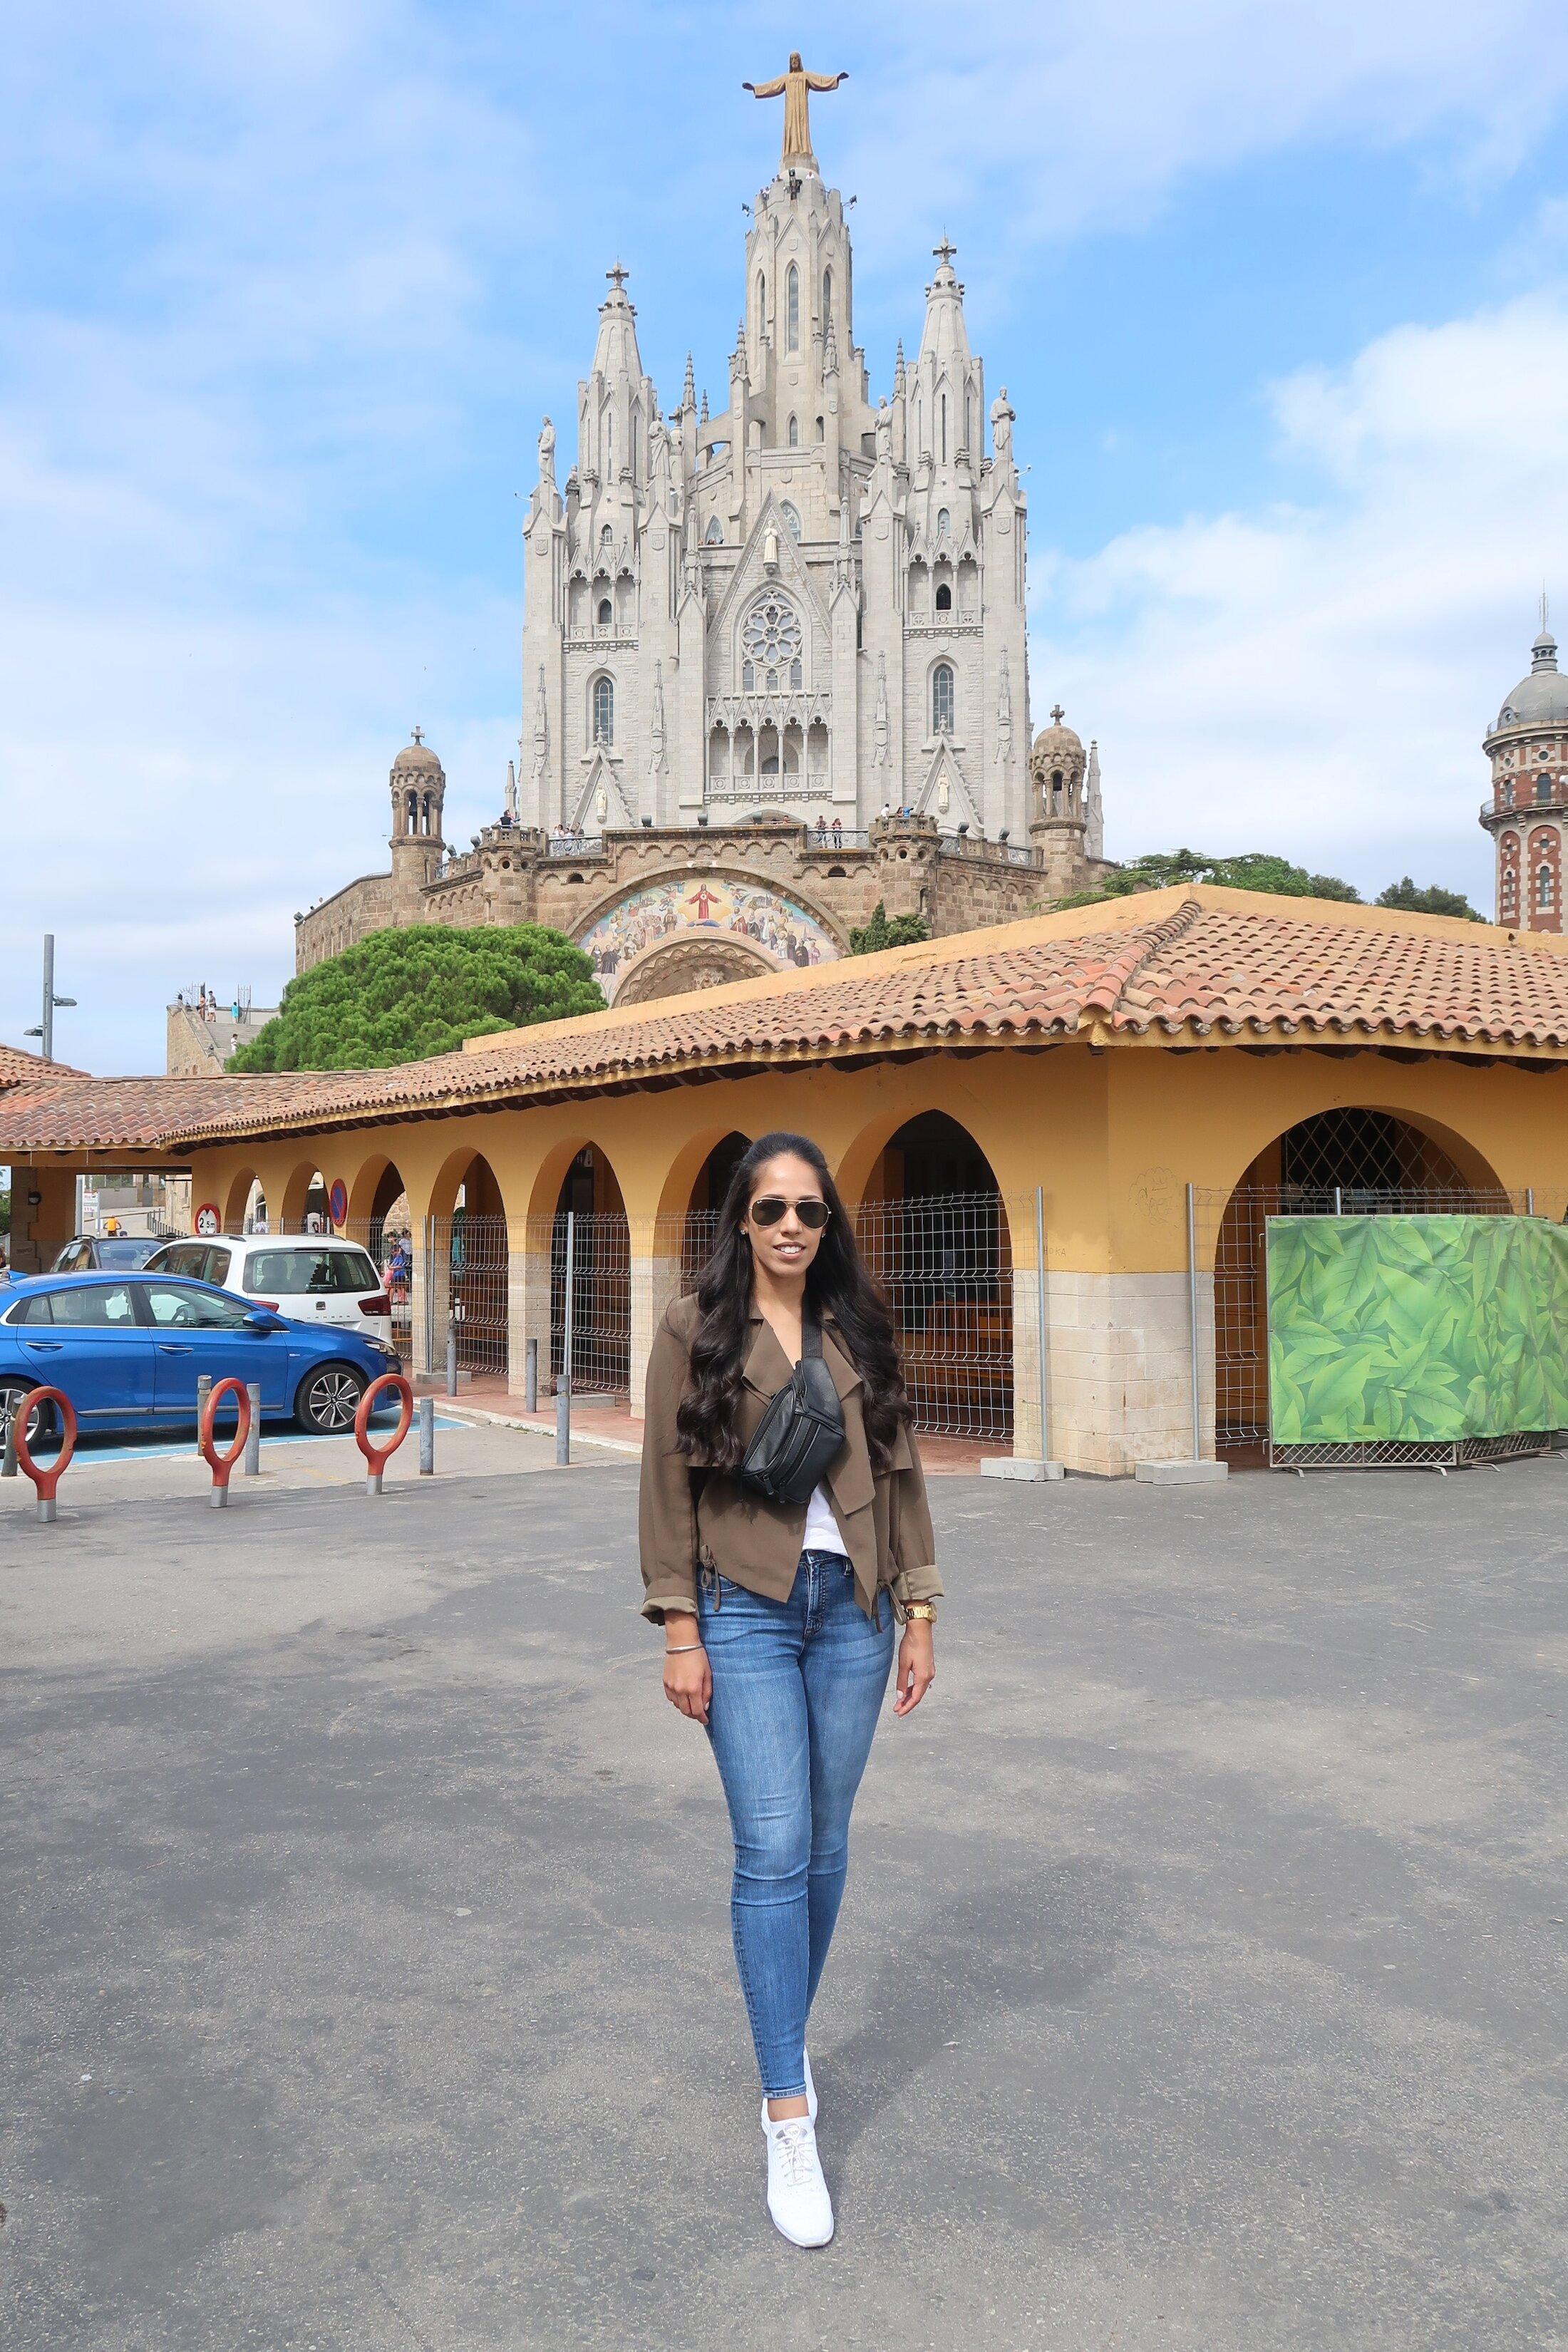 barcelona-church- Sagrat-Cor-Church.jpg